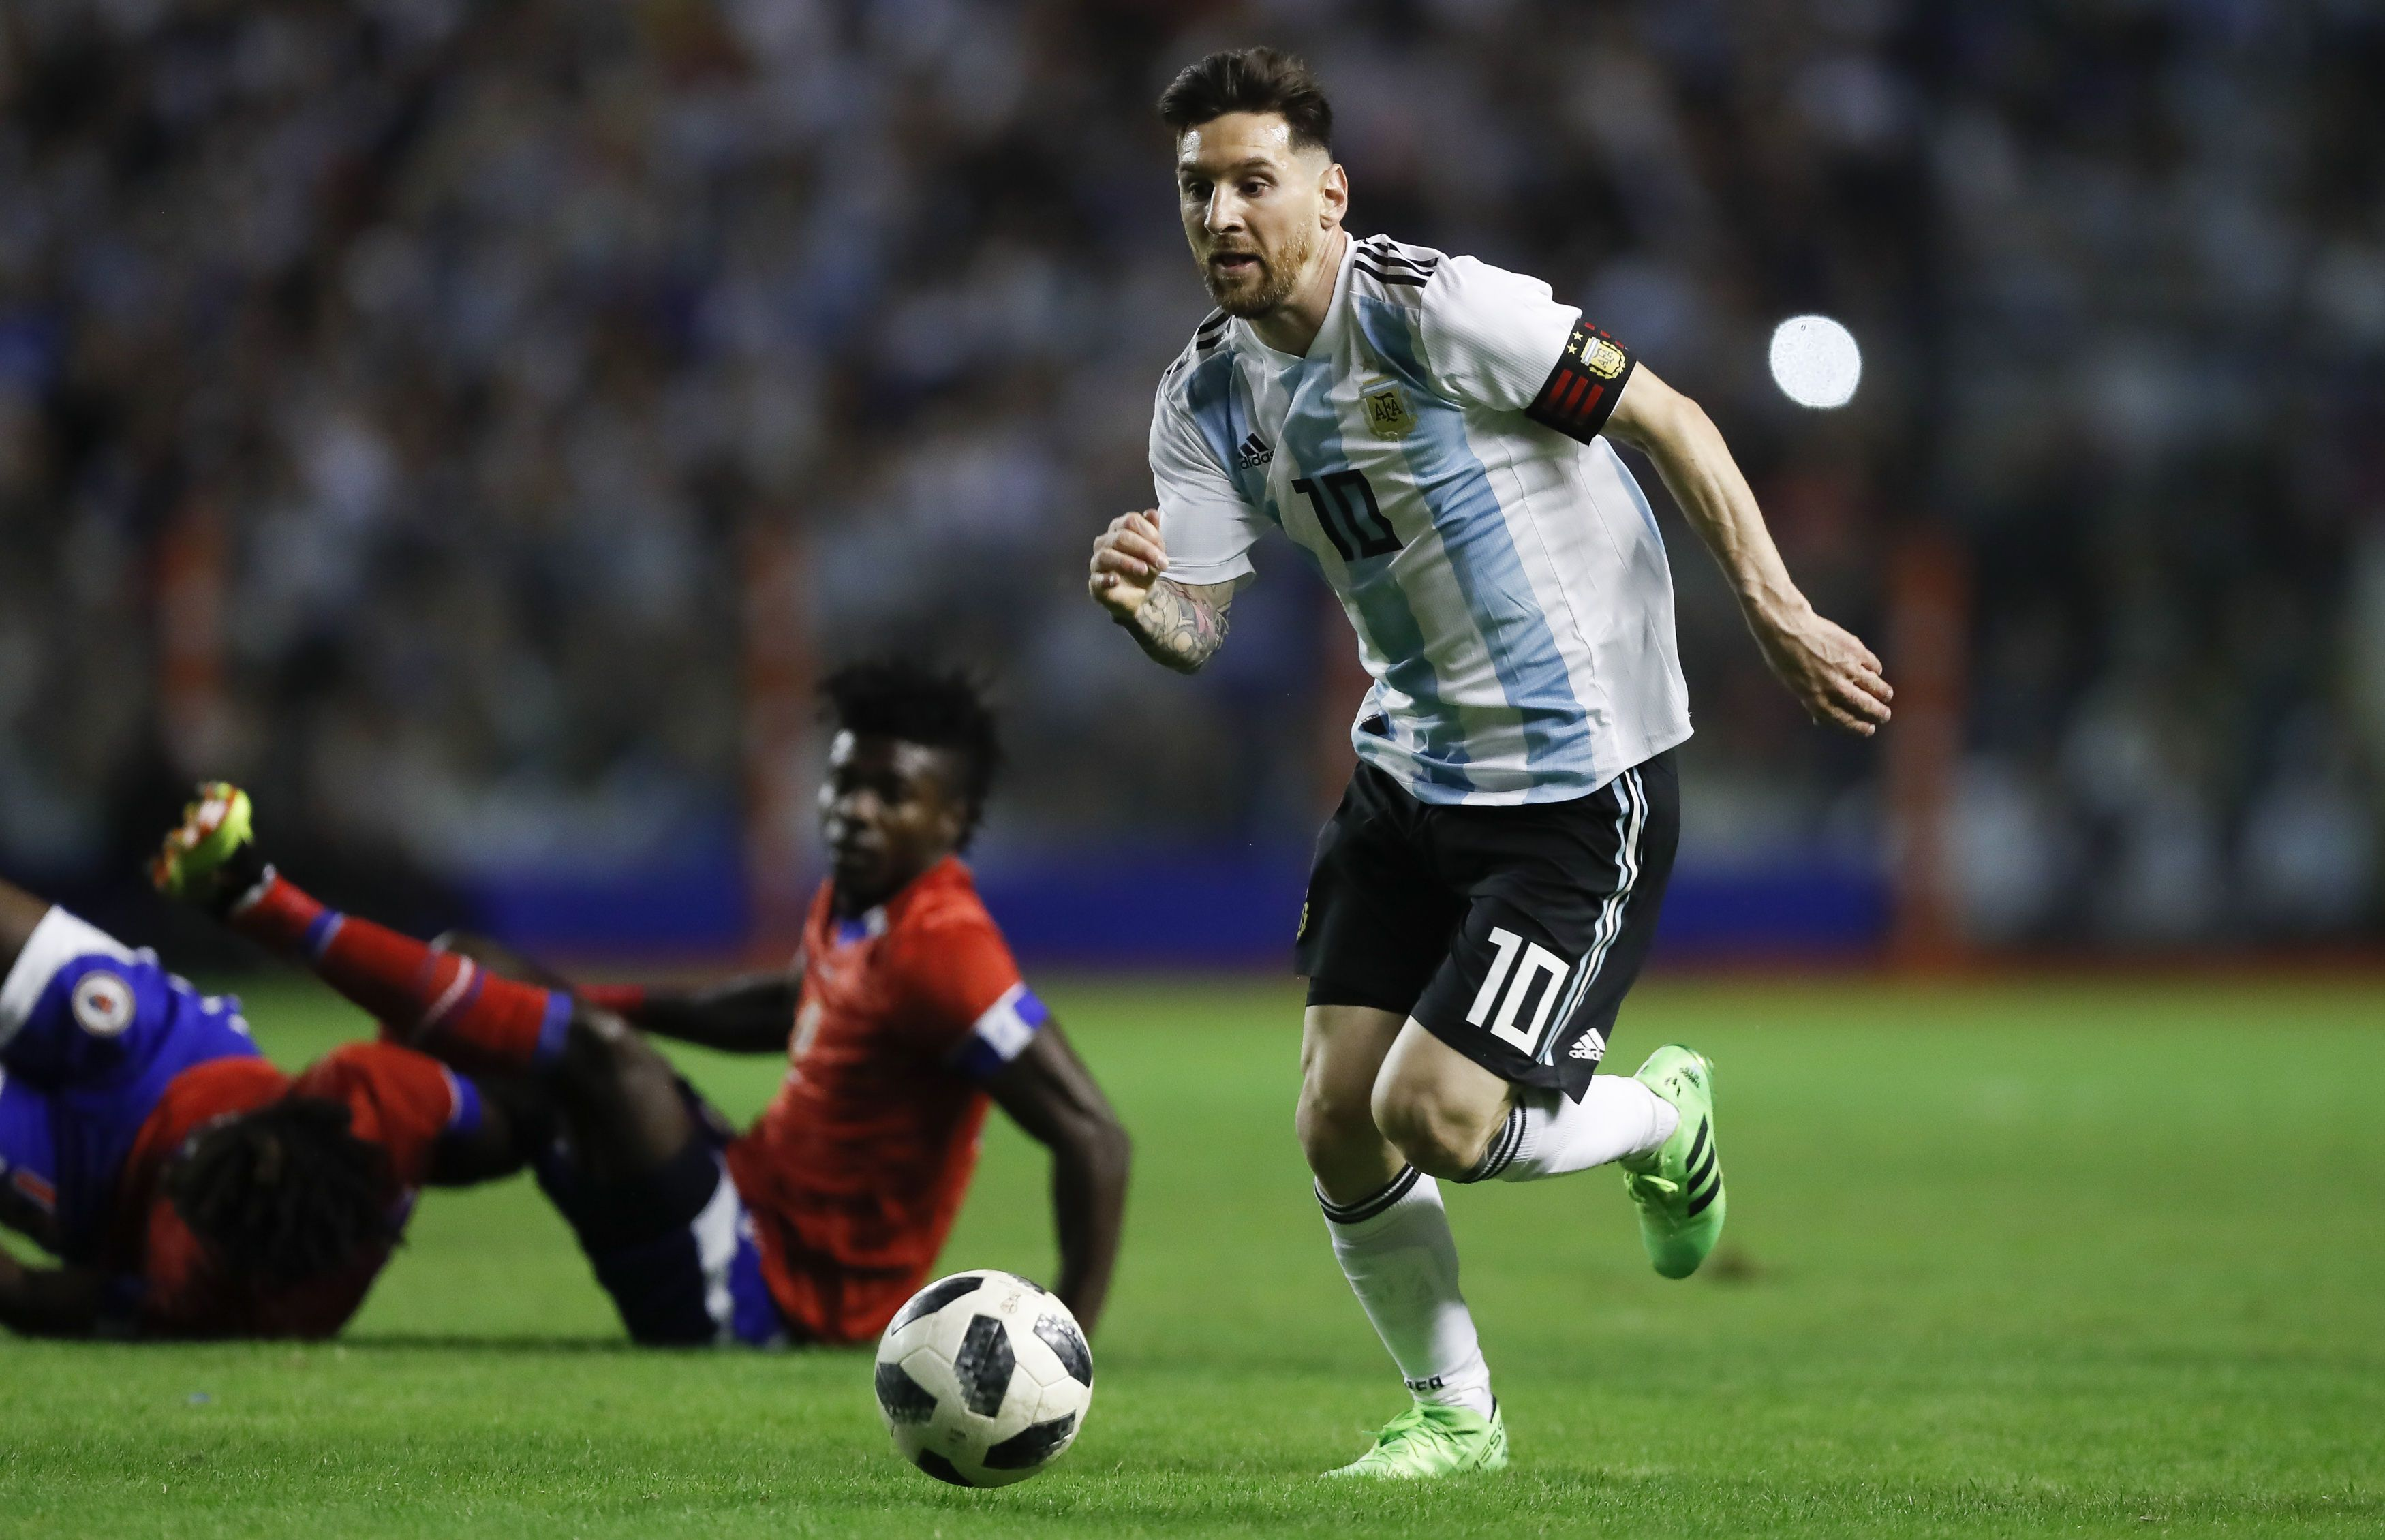 La cruda carta de niños palestinos a Lionel Messi: Jugará sobre las tumbas